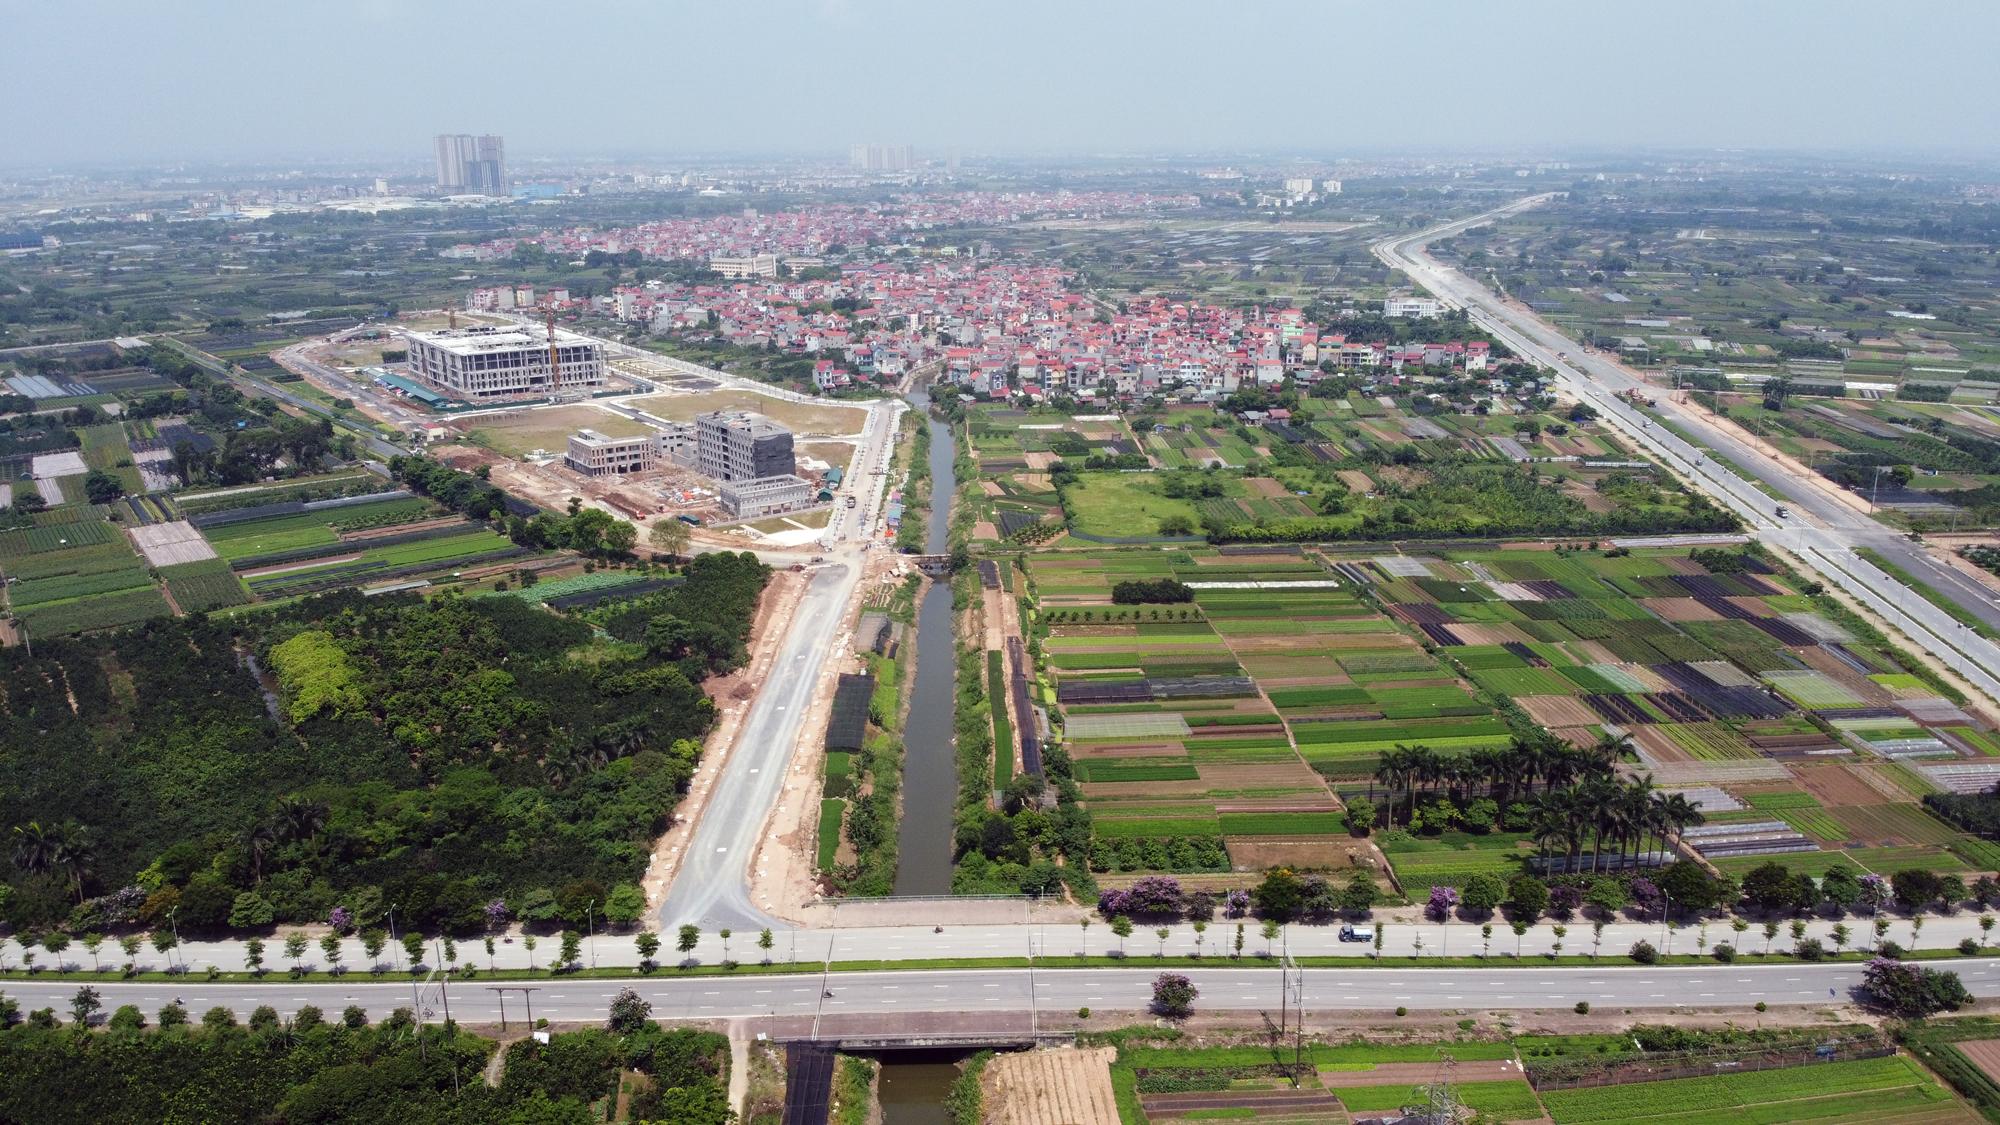 Kế hoạch sử dụng đất phường Minh Khai, Bắc Từ Liêm, Hà Nội năm 2021 - Ảnh 1.